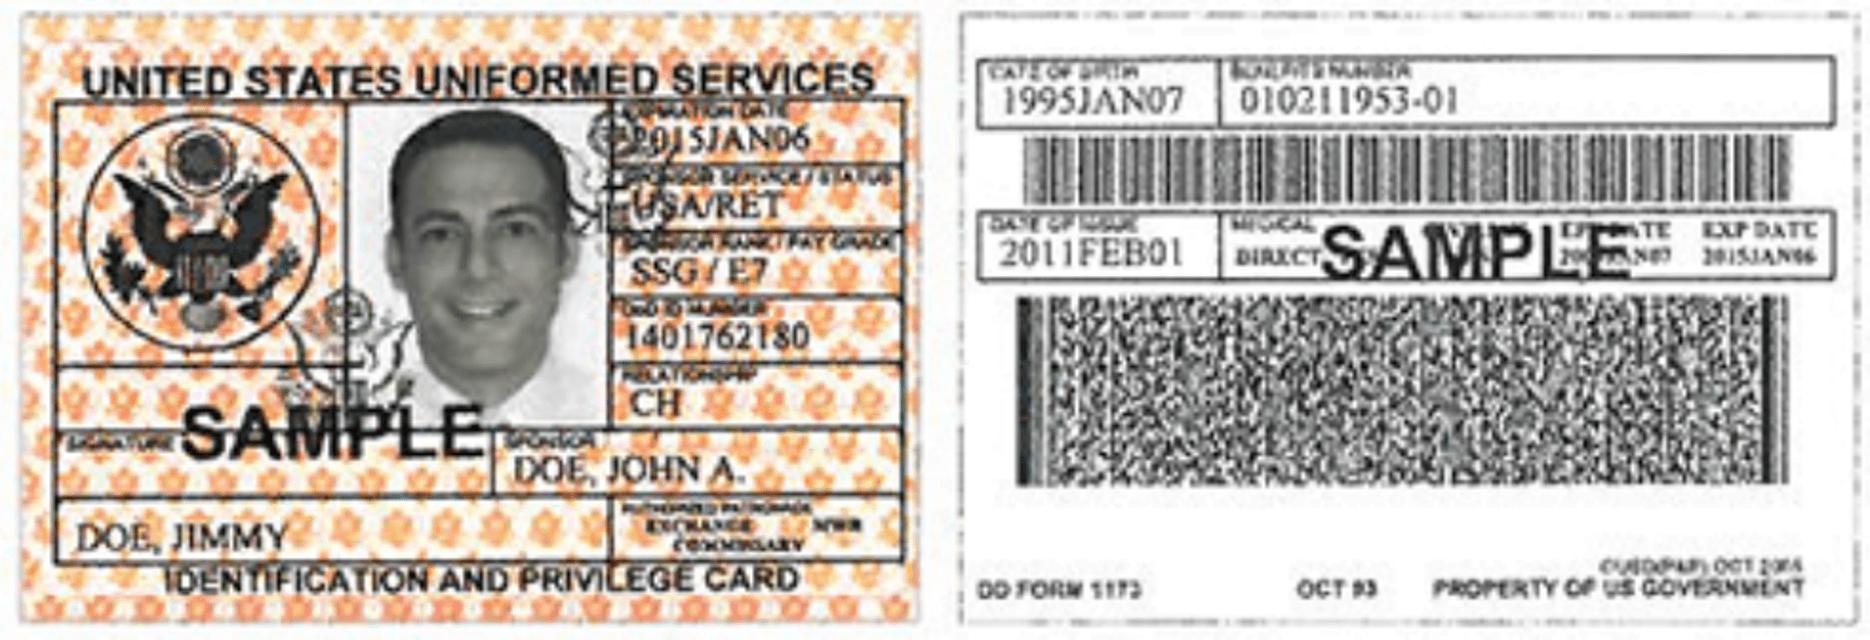 DD Form 1173 Printable Pdf